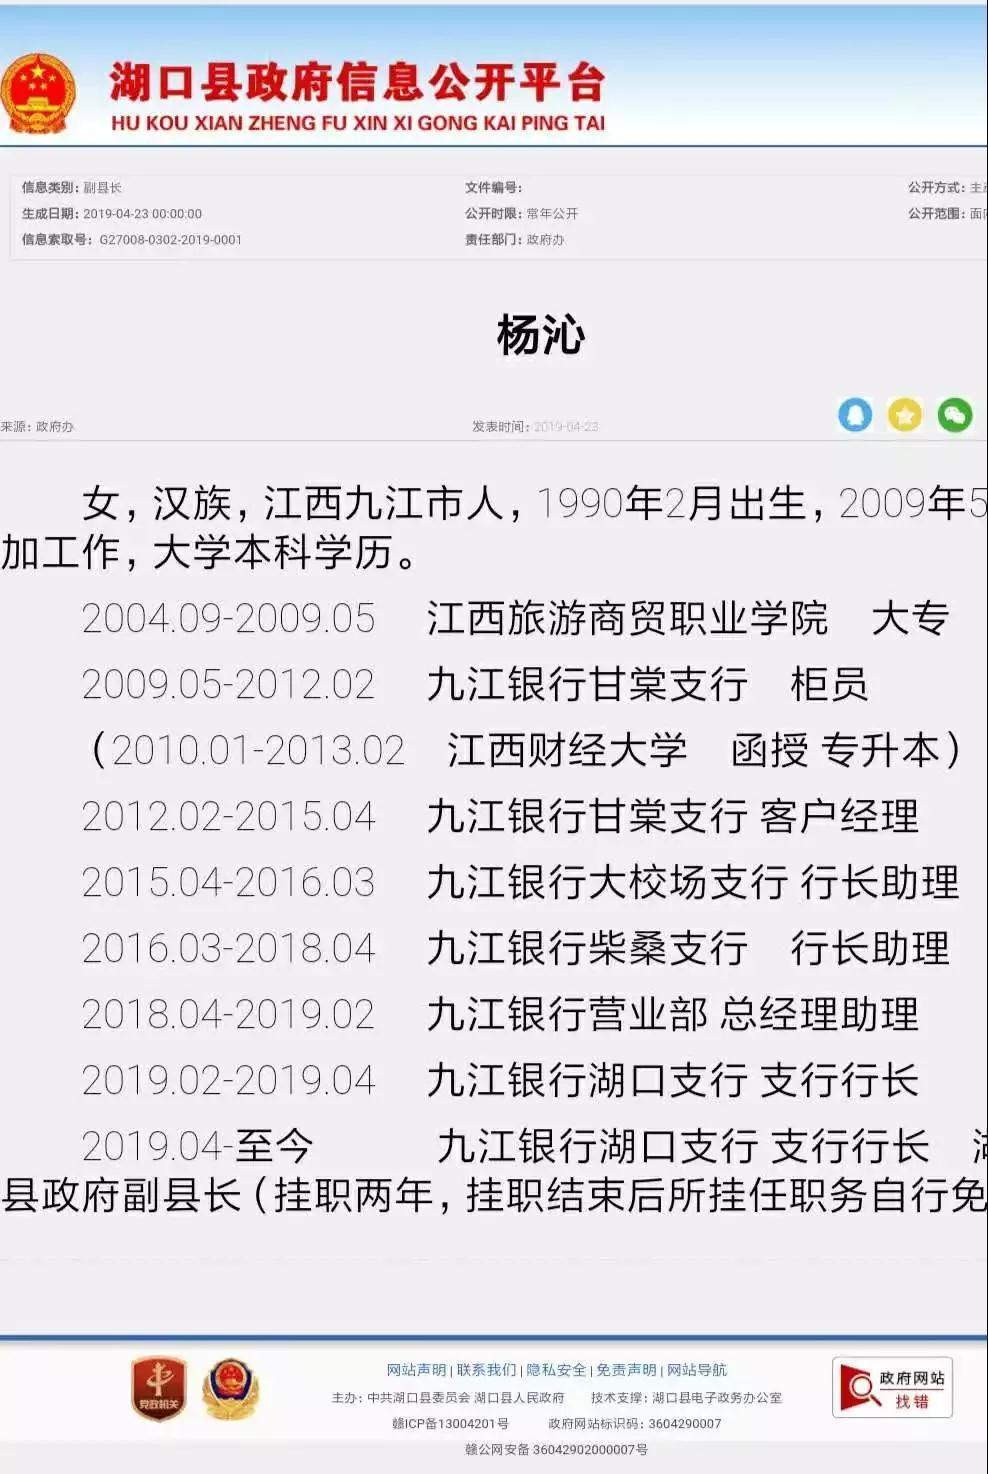 湖口县政府信息公开平台截图